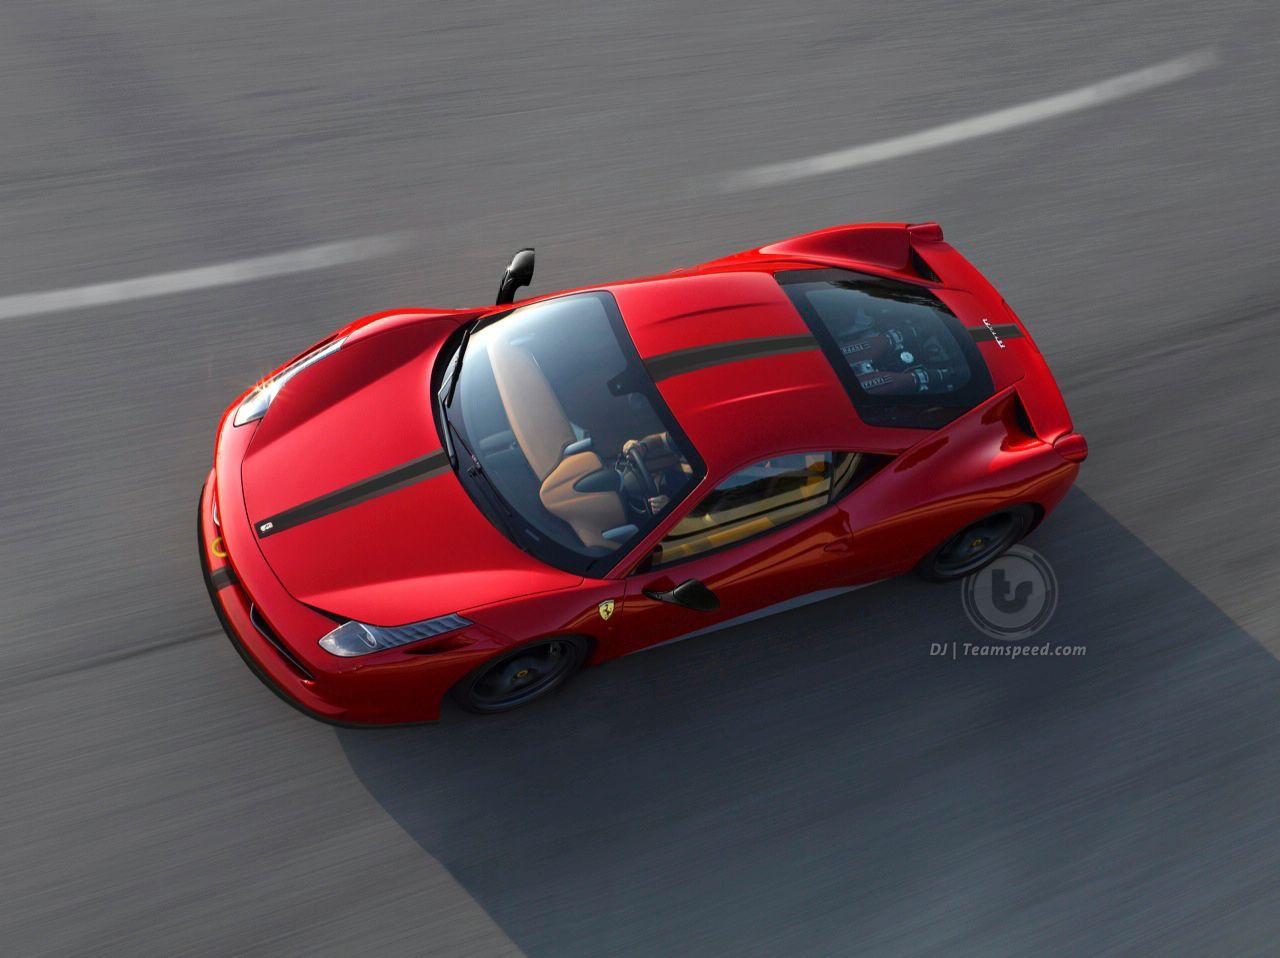 600匹馬力全新 Ferrari 458 Scuderia將於9月發表?!